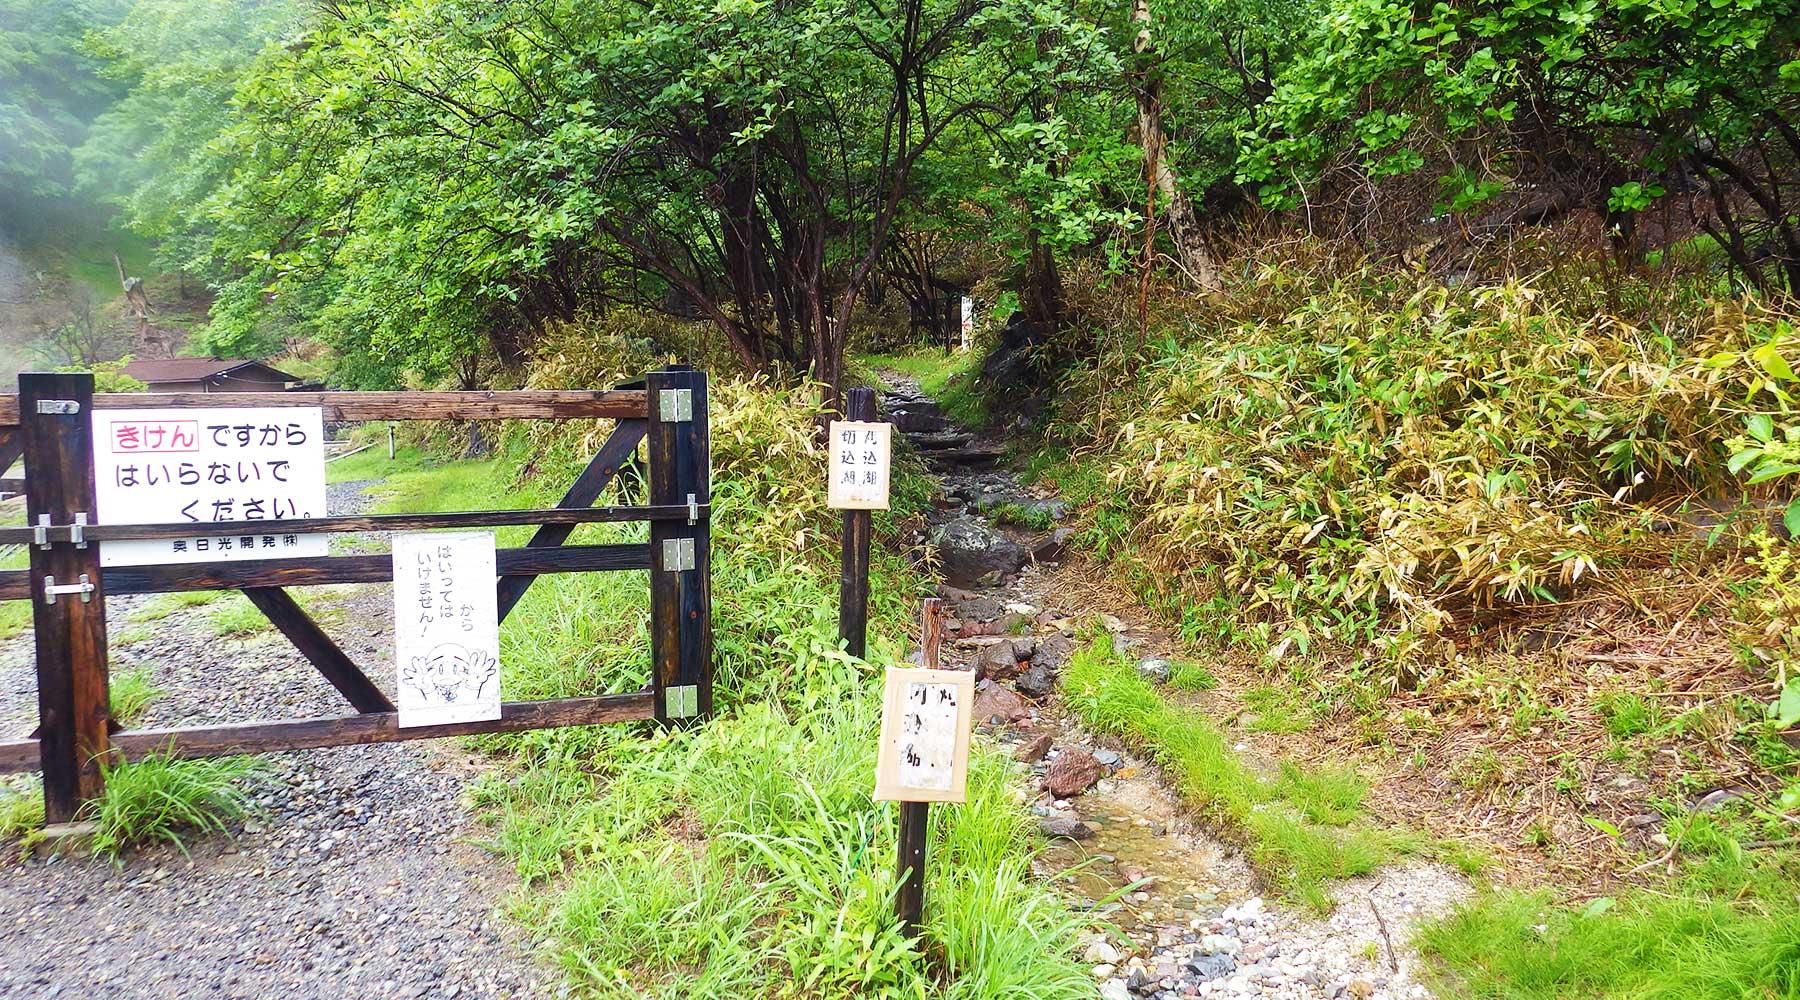 湯元温泉源泉そばにある切込湖・刈込湖への登山口